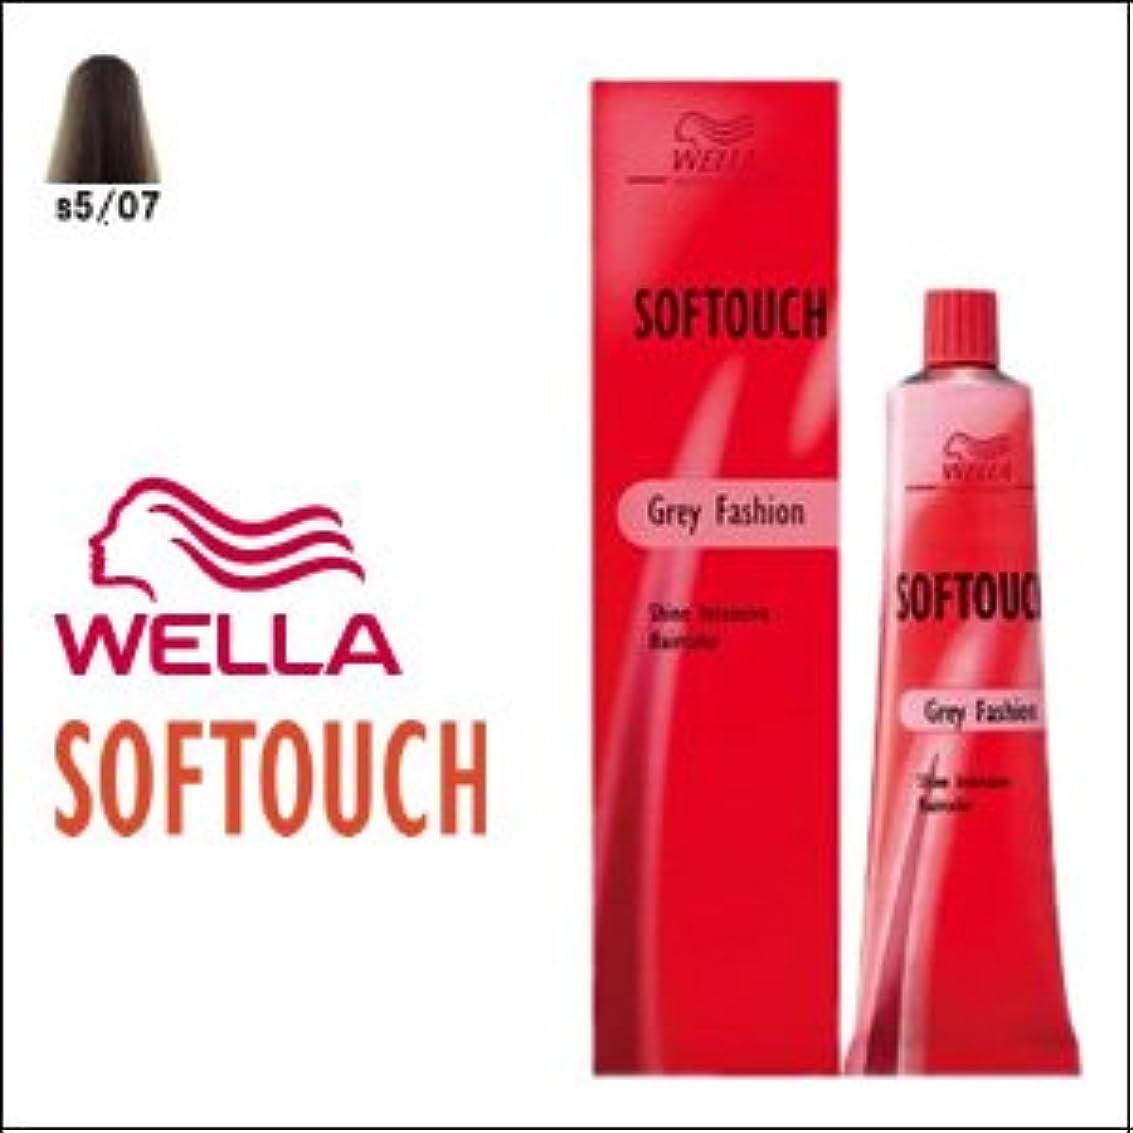 推定乱れ液化するウエラ ヘアカラー ソフタッチ S5/07 60g